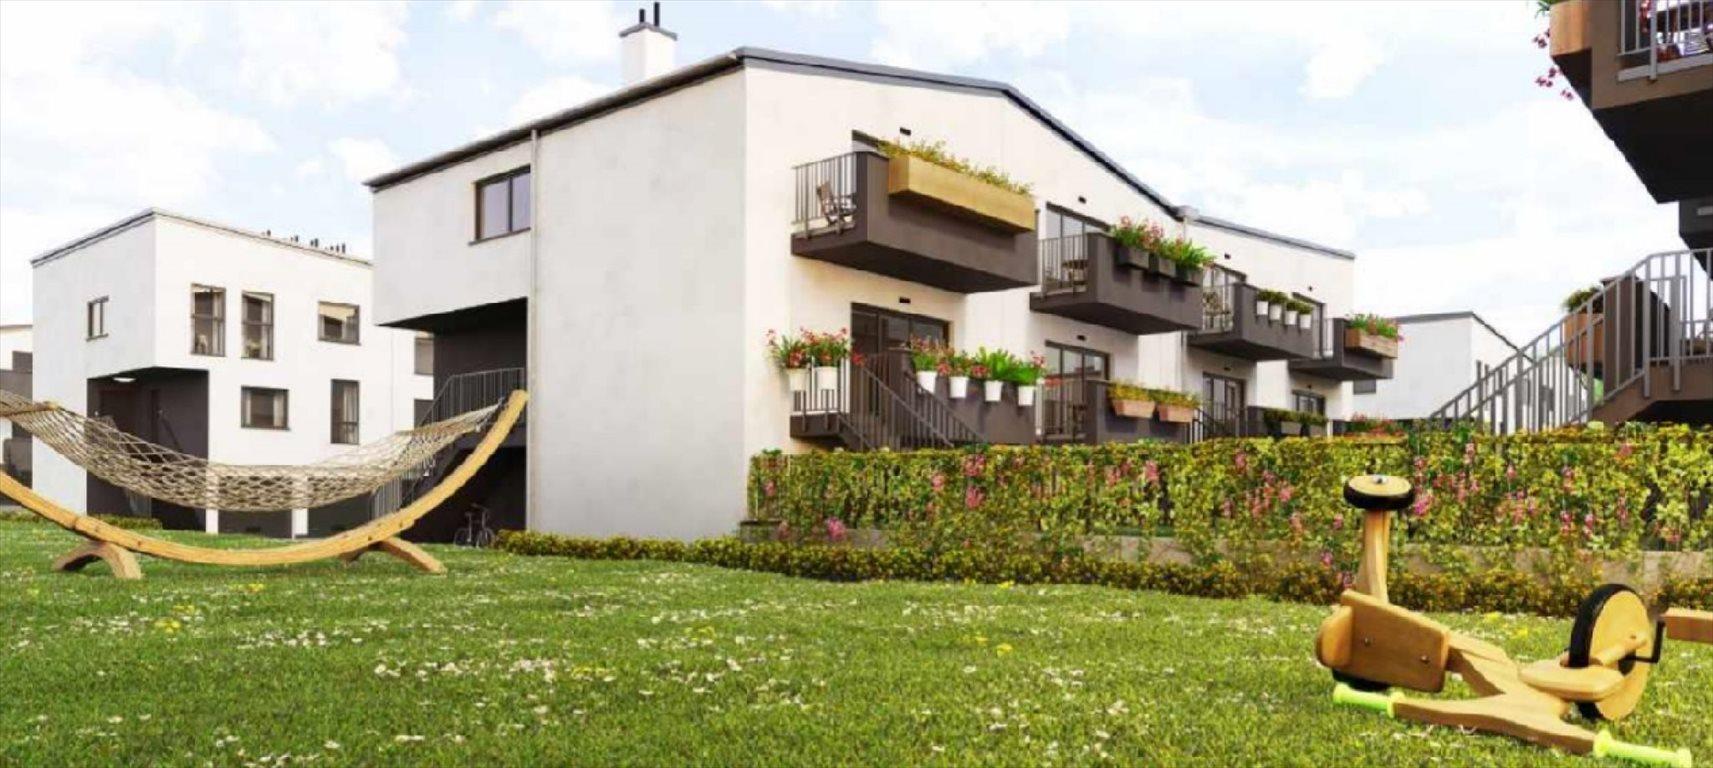 Mieszkanie trzypokojowe na sprzedaż Marki, Wesoła  58m2 Foto 3